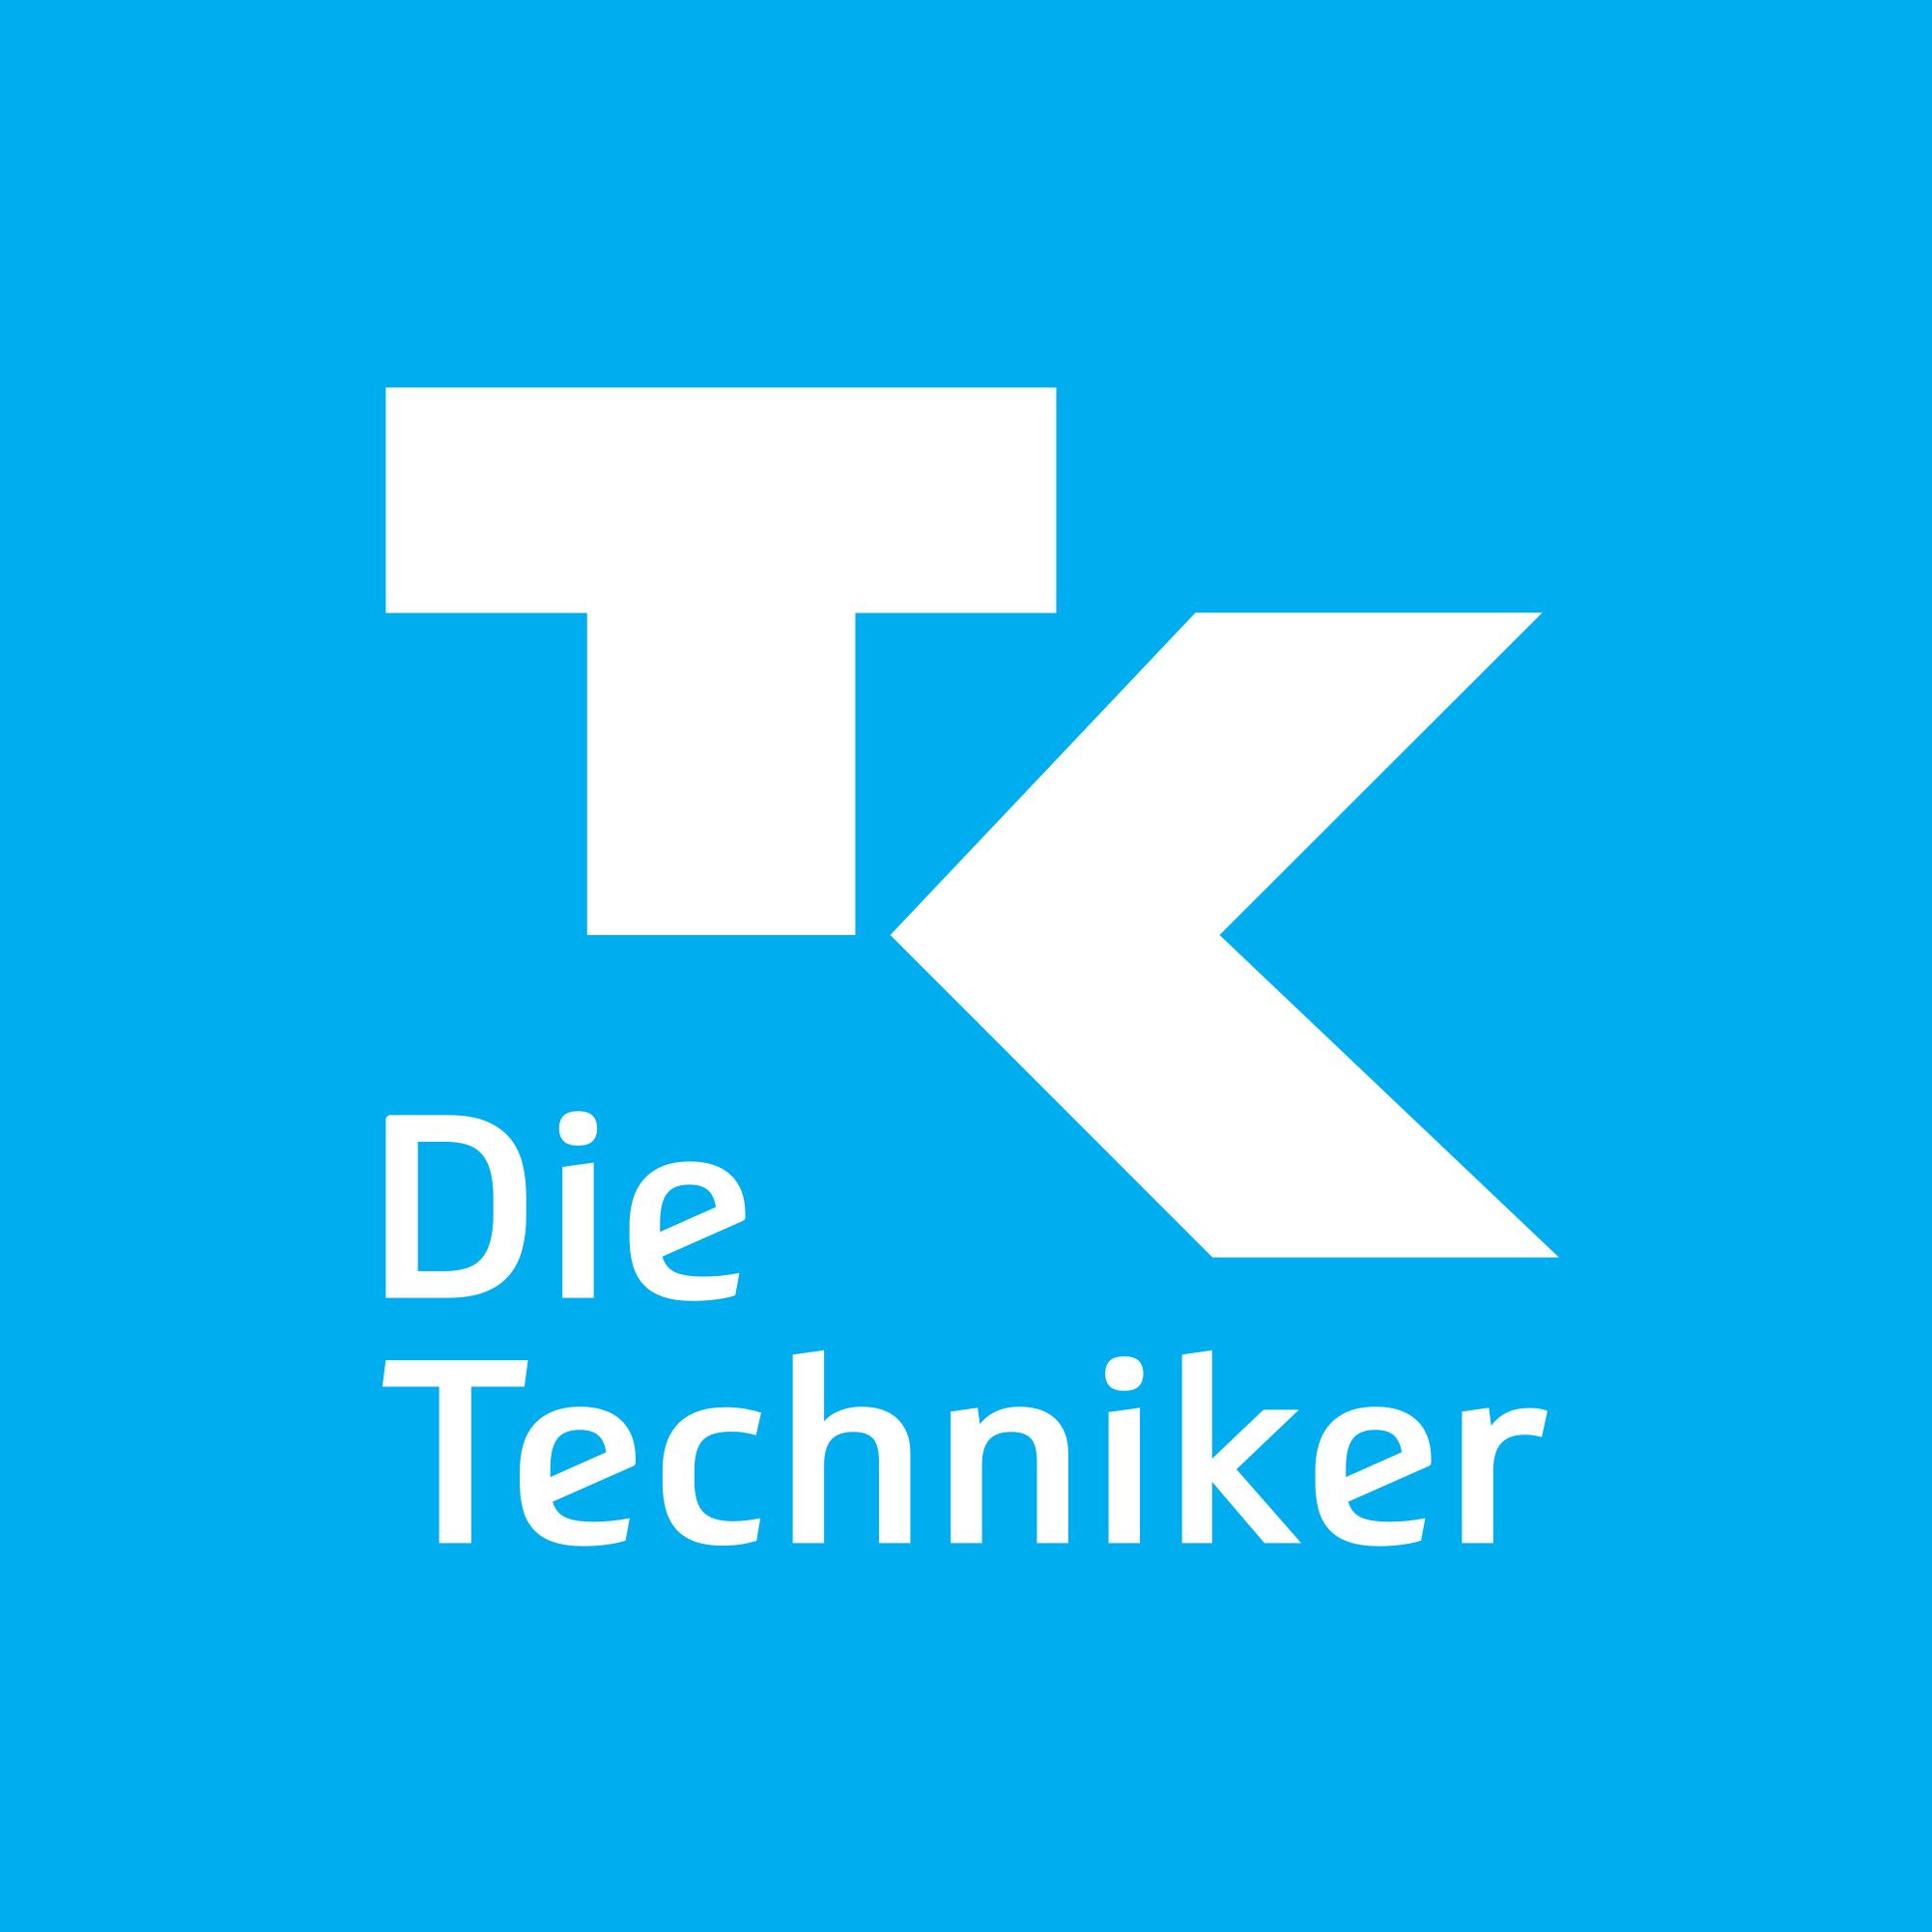 [TK TKK Techniker Krankenkasse] TK-Tarif Select mit bis zu 60 Euro für nicht beanspruchte Leistungen (nur für TK-Versicherte)